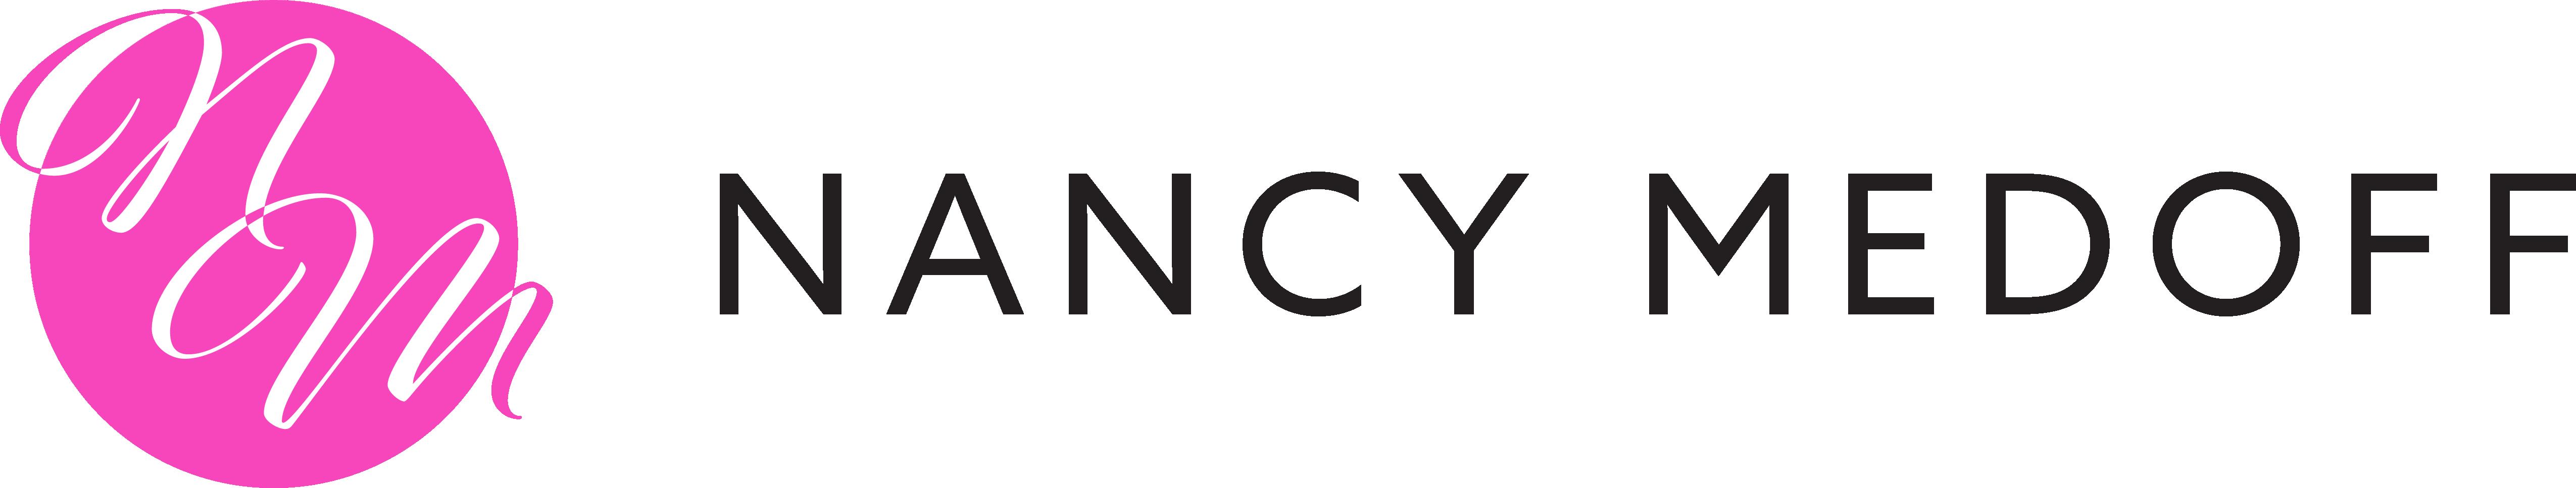 Nancy Medoff Logo